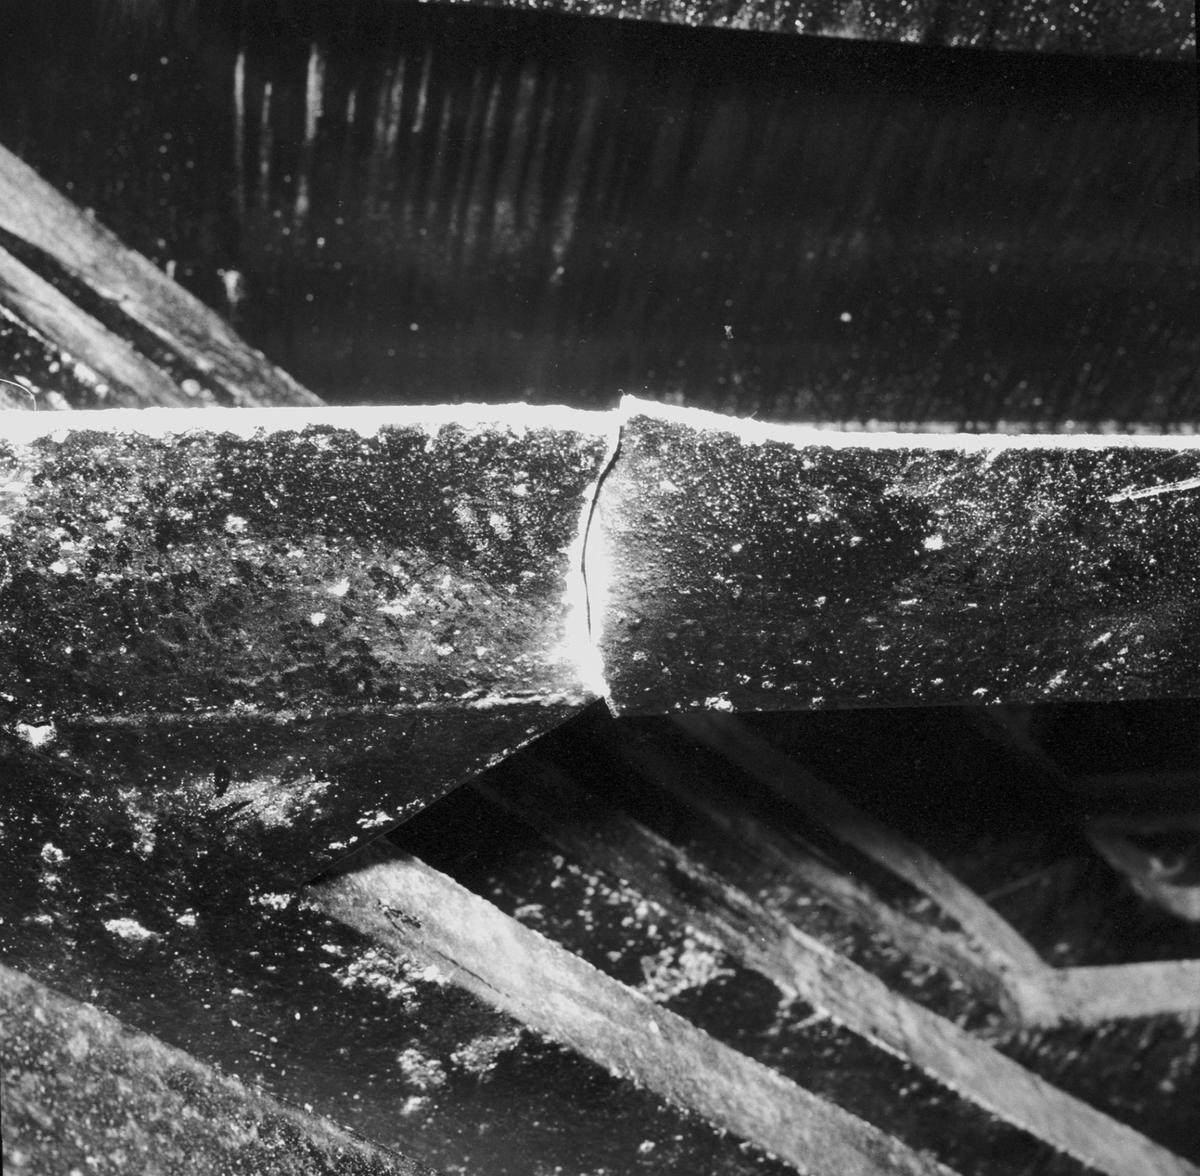 Fartyg: THULE                          Bredd över allt 15.0 meter Längd över allt 57.0 meter  Rederi: Svenska staten Byggår: 1953 Varv: Örlogsvarvet, Karlskrona Övrigt: Trimtanken